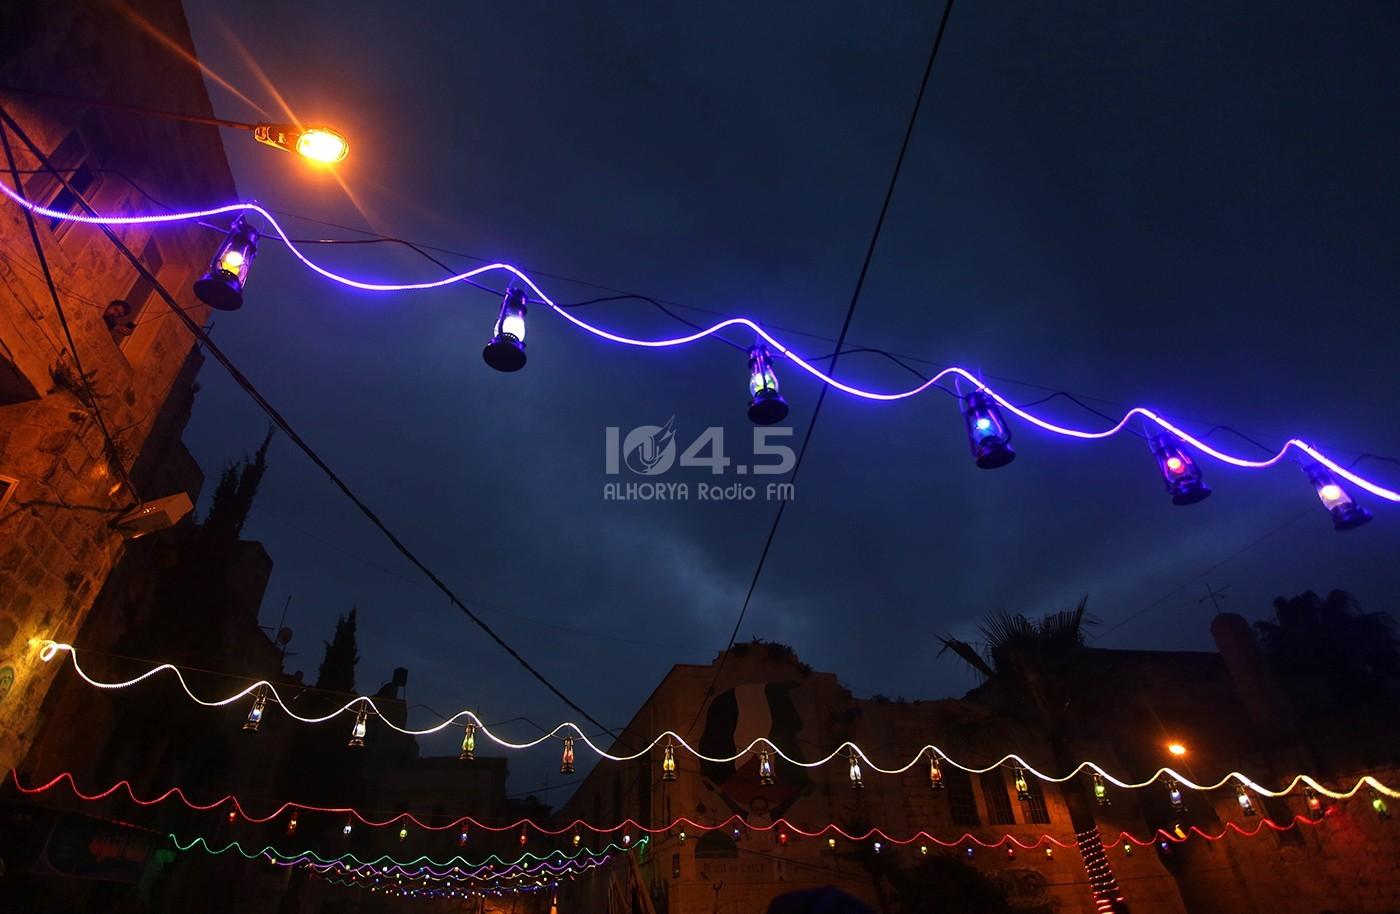 صور : البلدة القديمة بنابلس تستقبل شهر رمضان المبارك باضاءة 200 فانوس